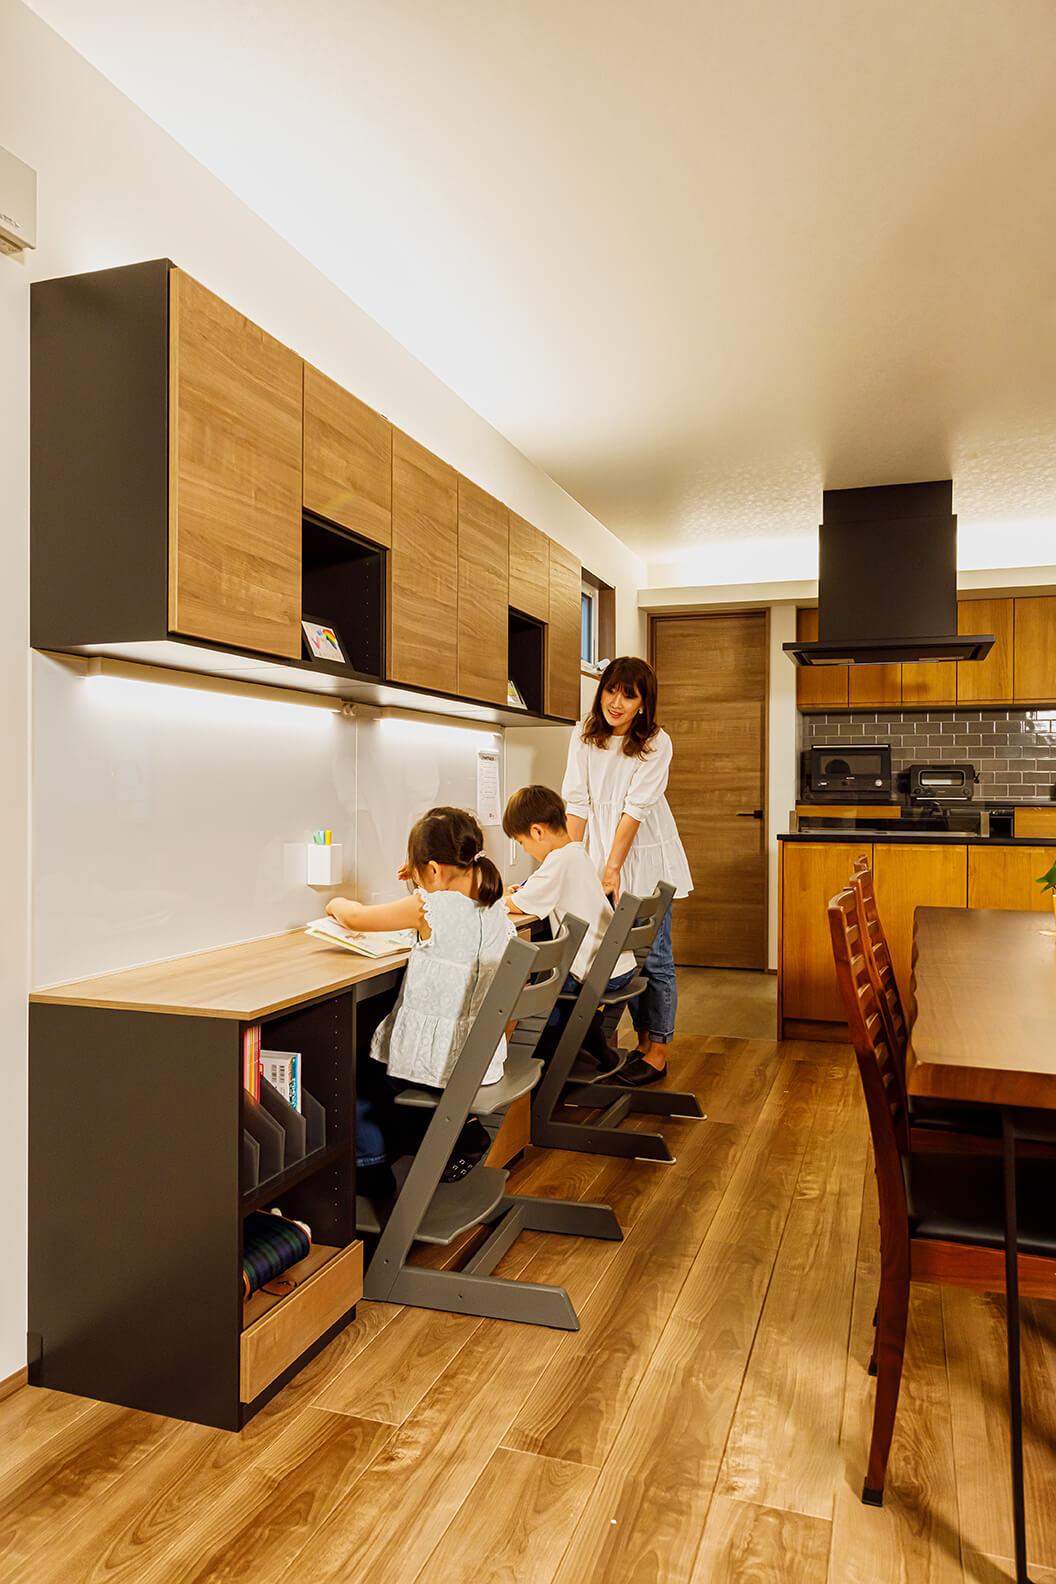 ダイニングのすぐ横にスタディコーナーが設けられています。キッチンで調理するお母さんの気配を感じながら勉強すると安心感が生まれ、集中力が増すとか。デスク下には重たいランドセルを収納する台も設けられています。